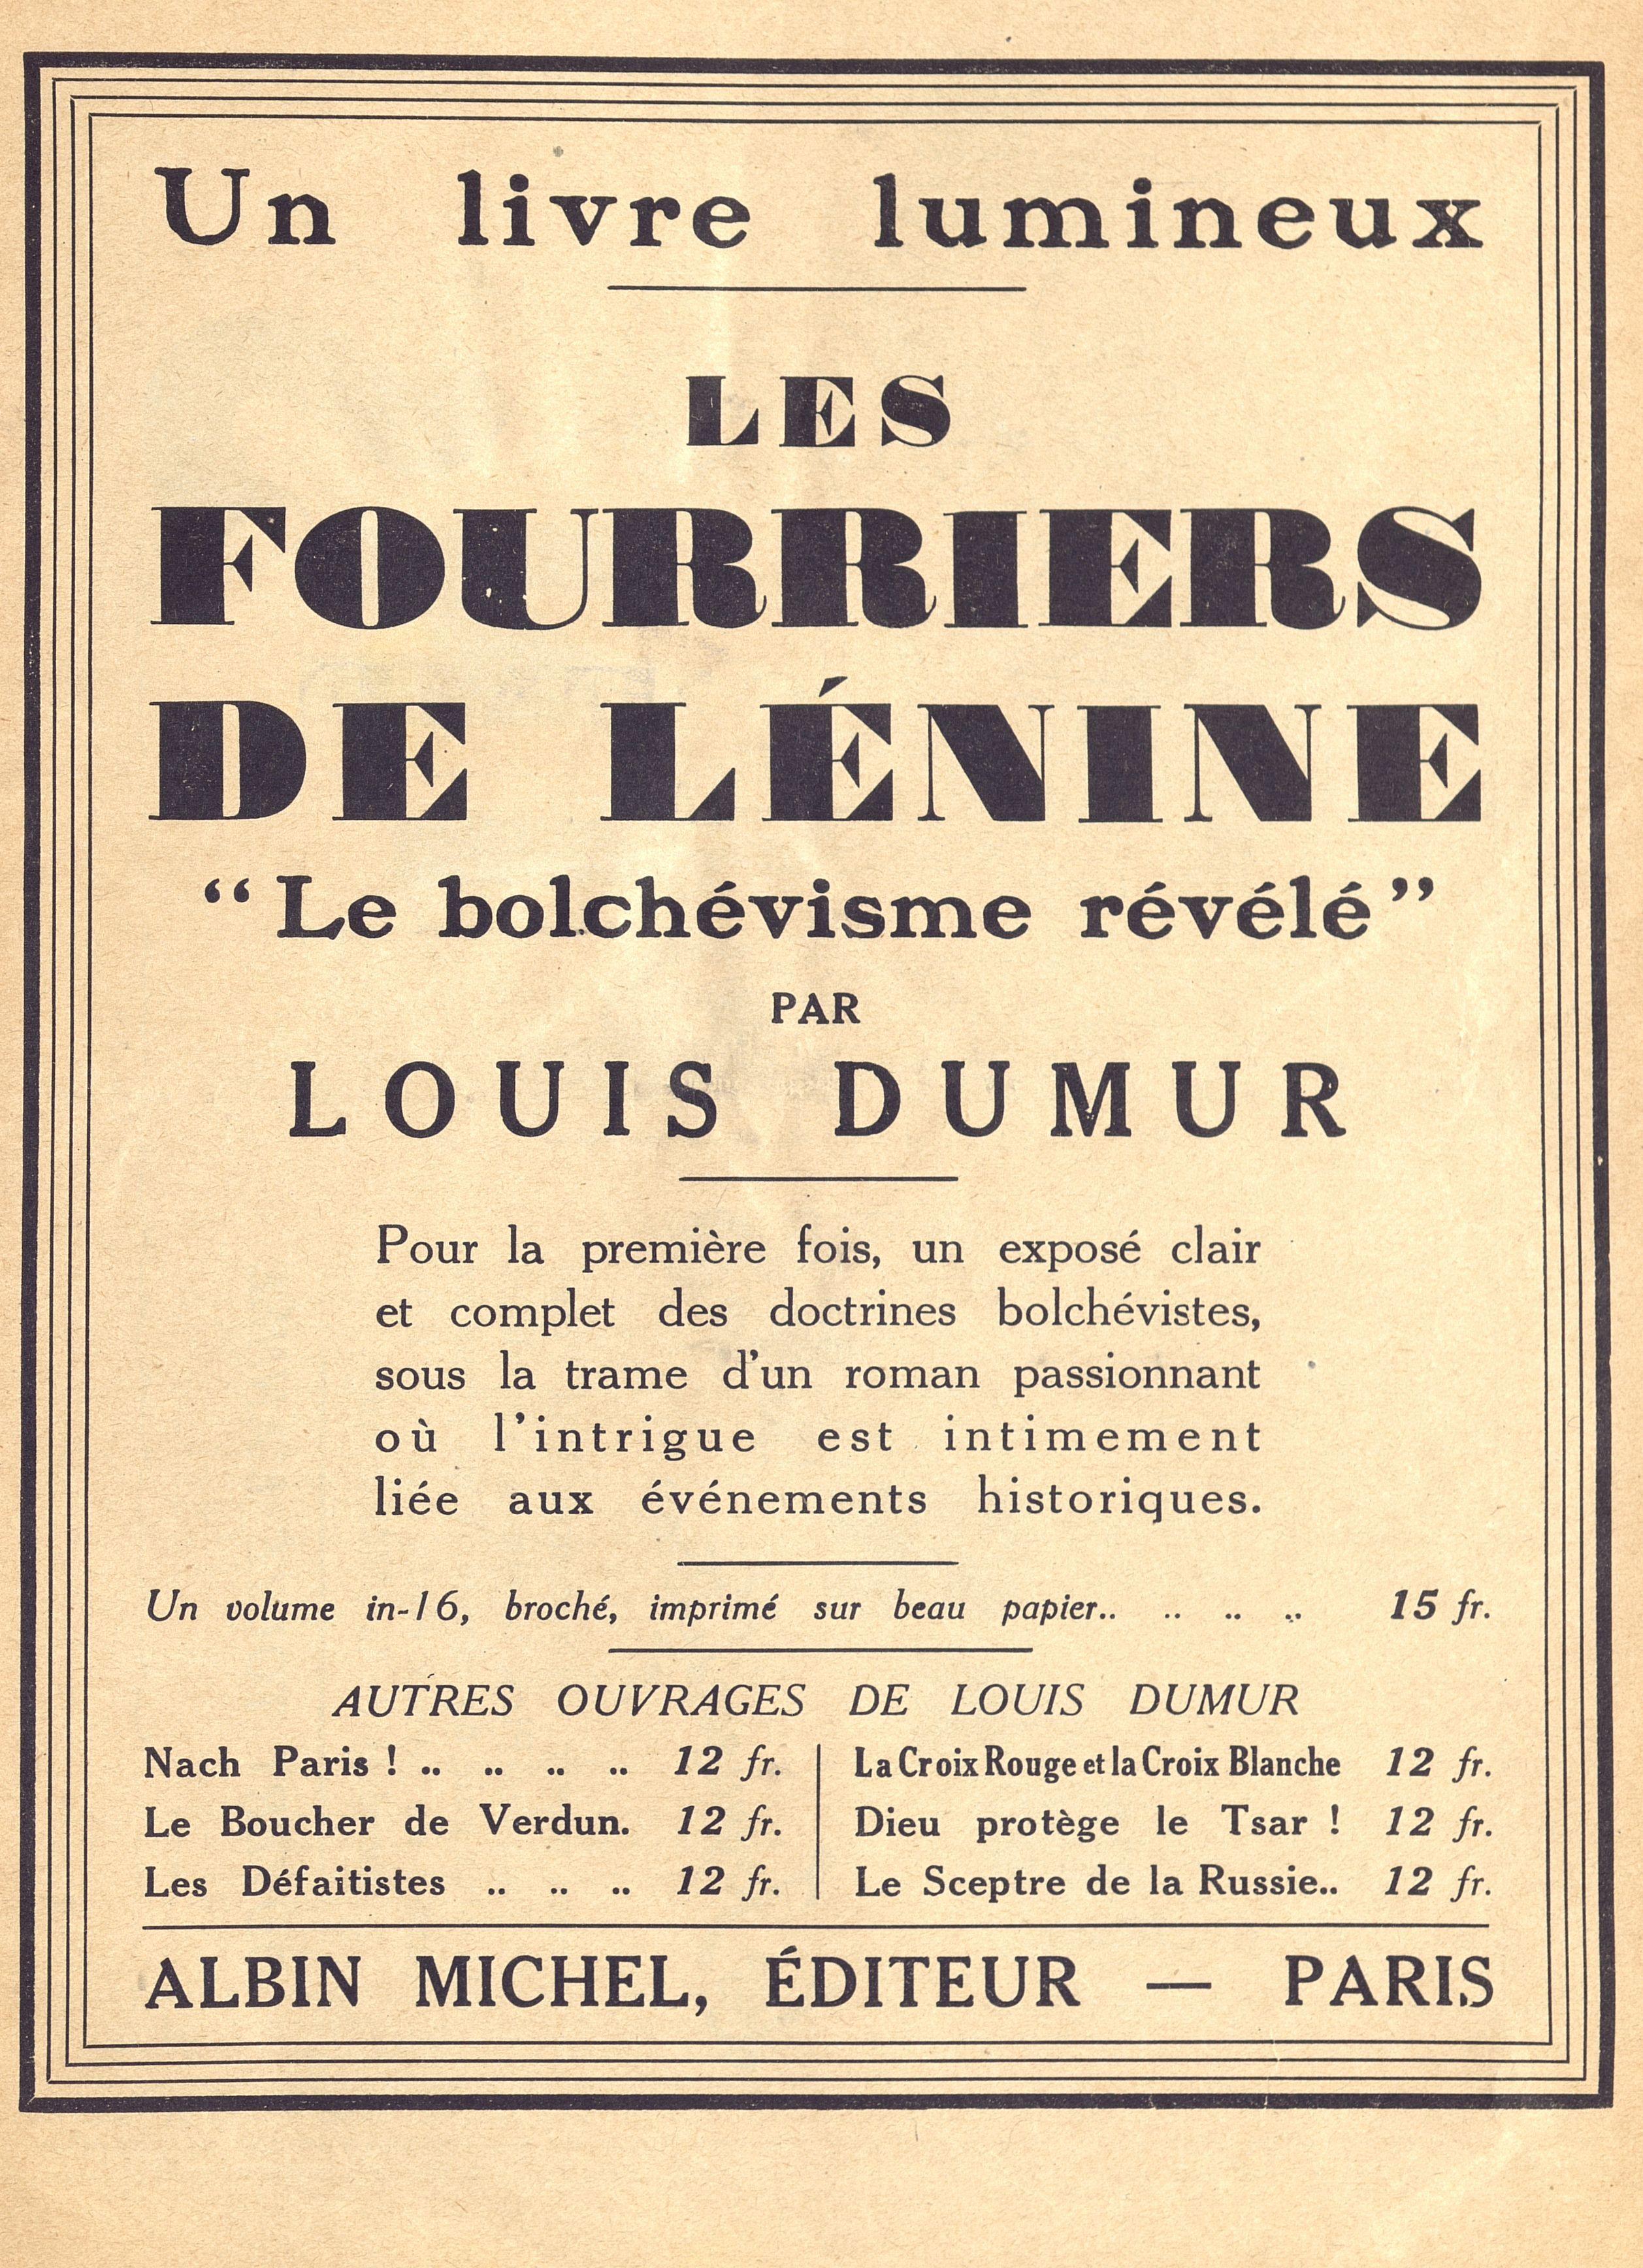 """Les fourberires de Lenine, livre lumineux,  extrait de la revue satirique """"Le Rire"""", 1932 - Bfm Limoges."""